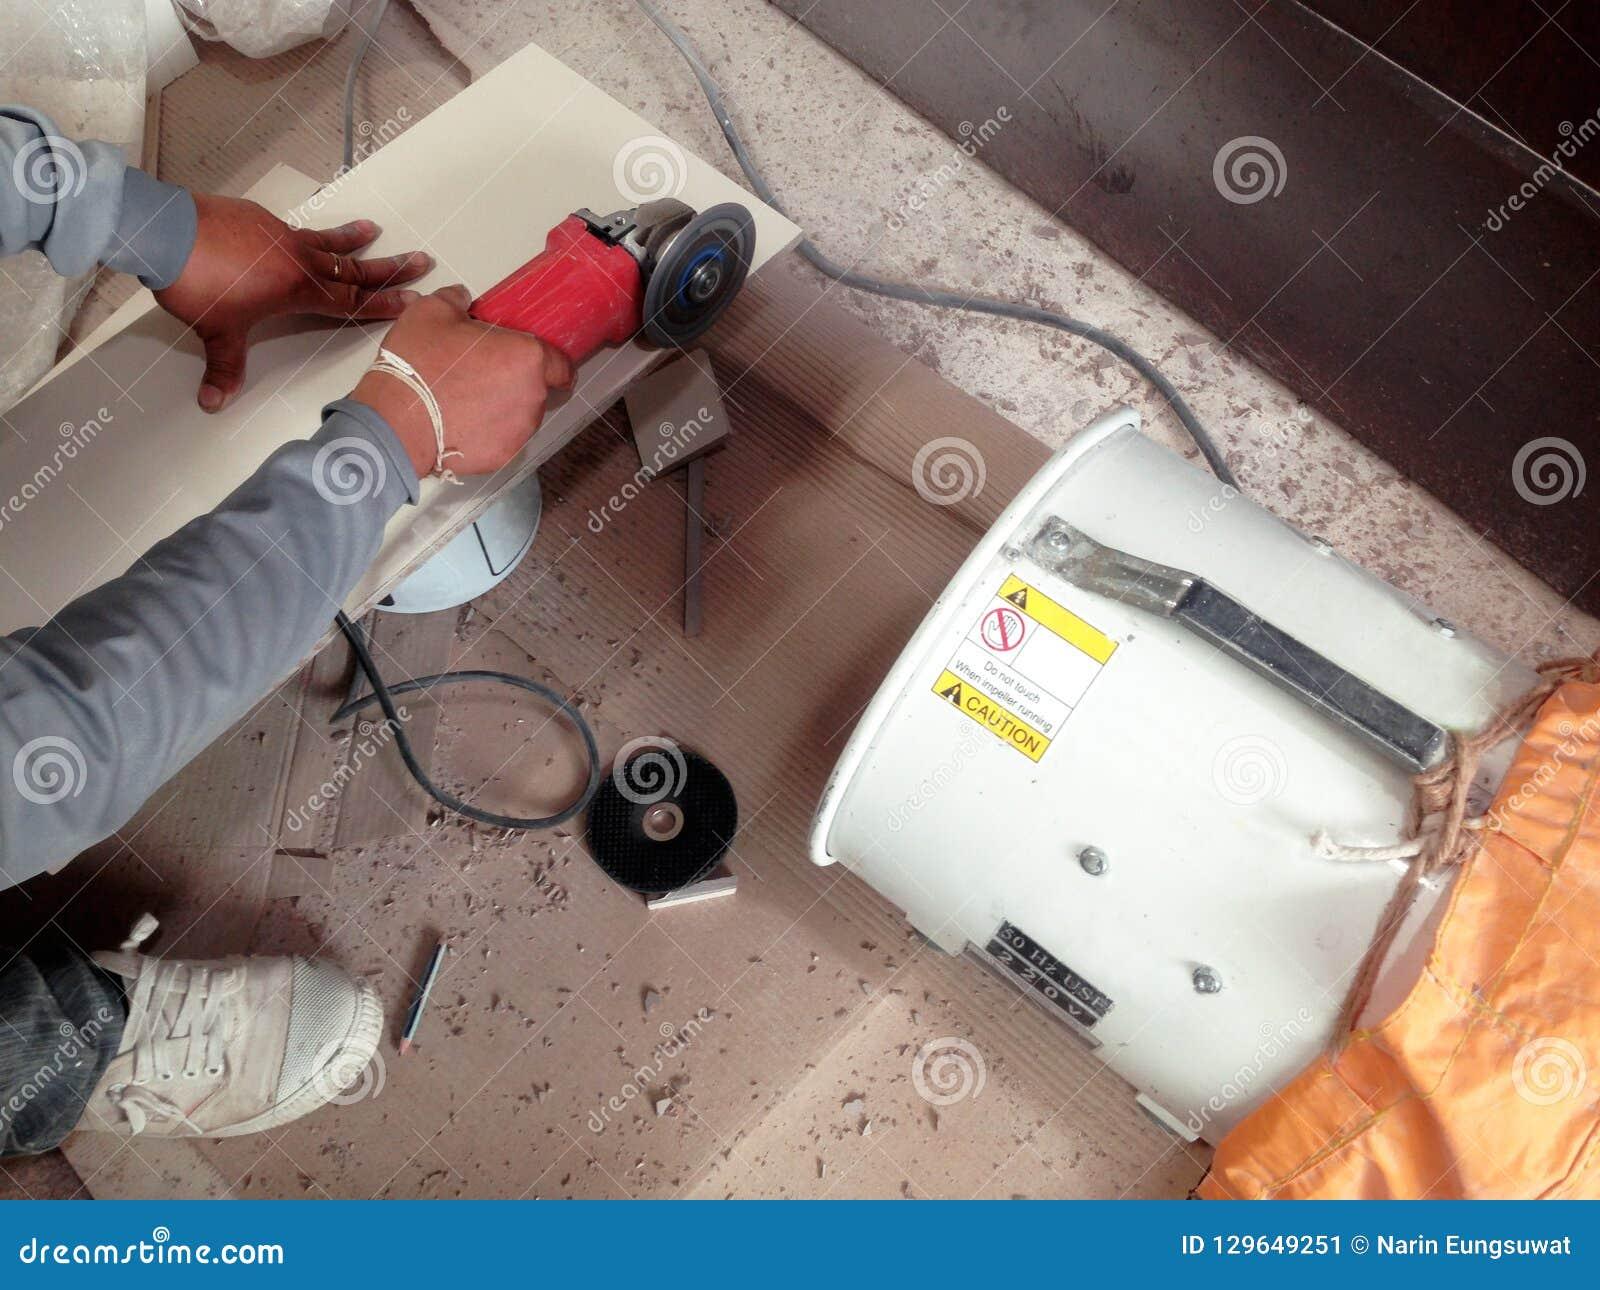 Tiler έκοψε το κεραμίδι από την αλέθοντας μηχανή και το συλλέκτη σκόνης